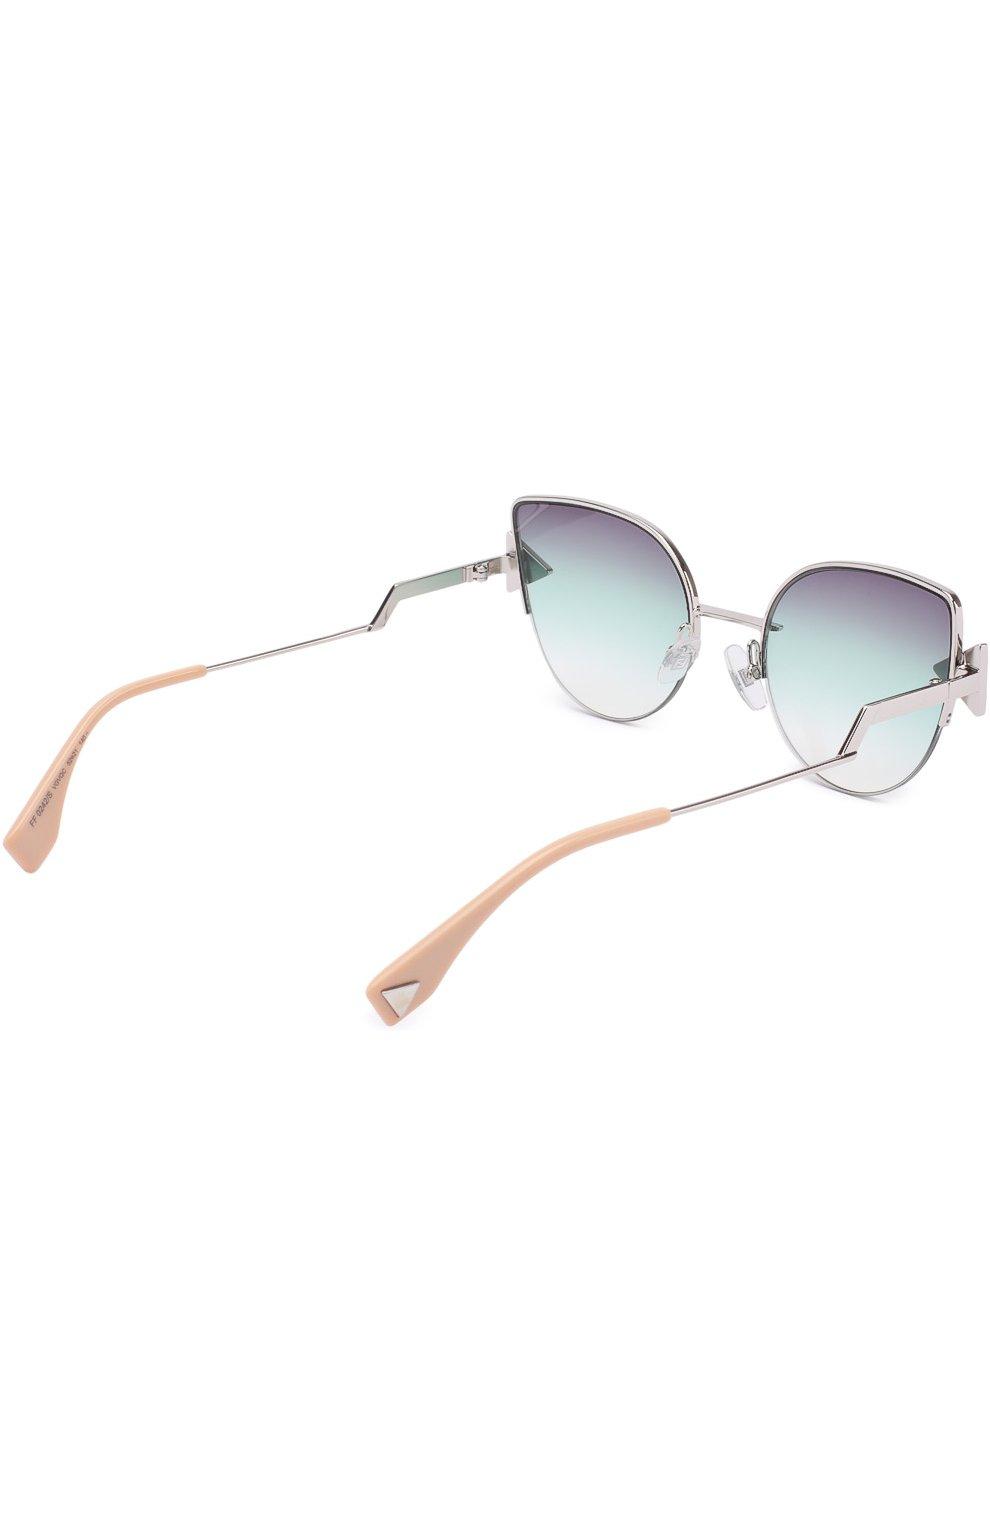 Женские солнцезащитные очки FENDI серебряного цвета, арт. 0242 VGV | Фото 4